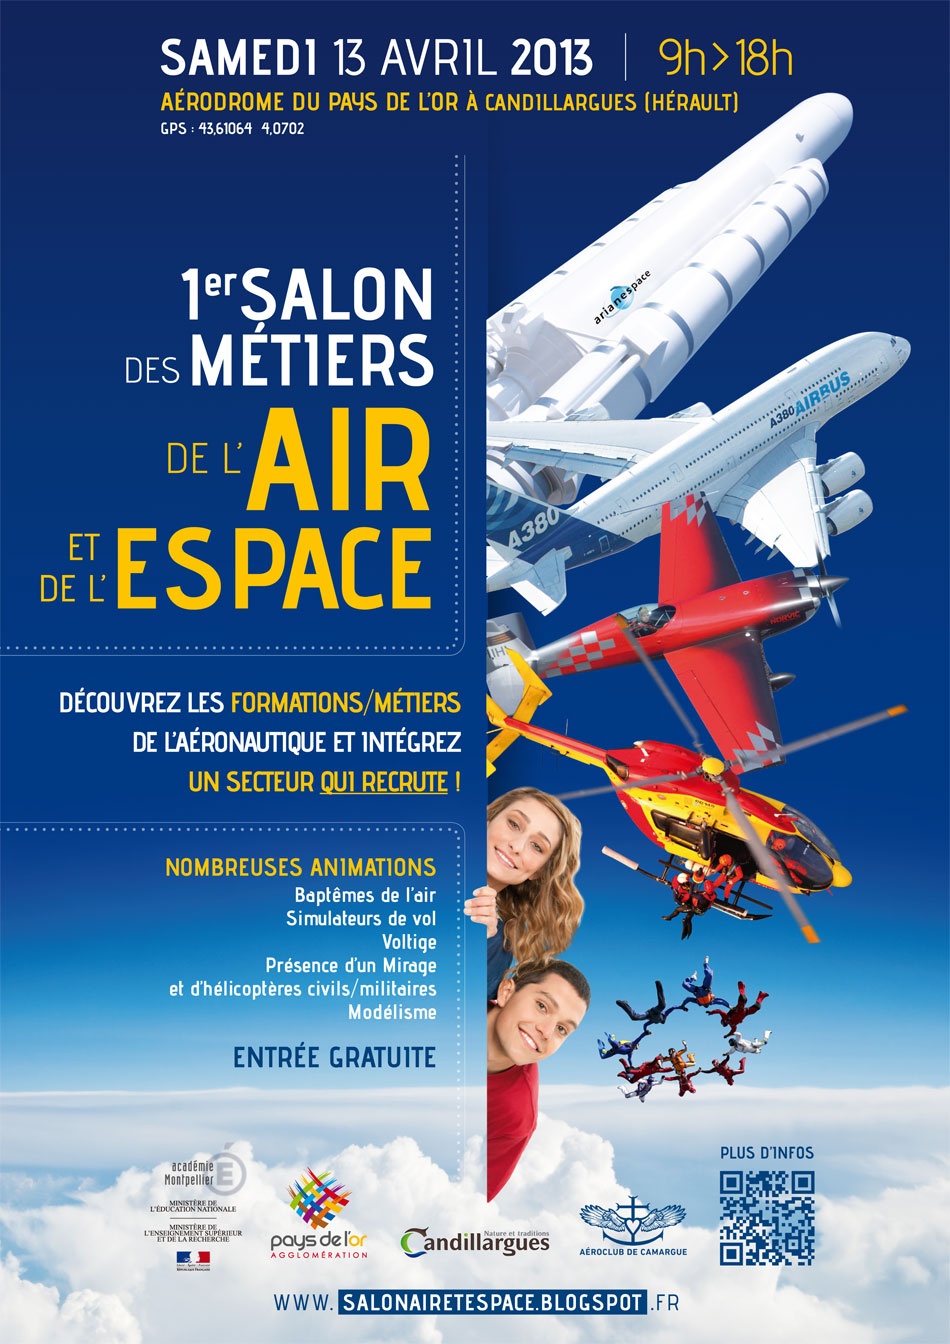 1er Salon des Métiers de l'Air et de l'Espace à Montpellier! AFFICHE_SALON_2